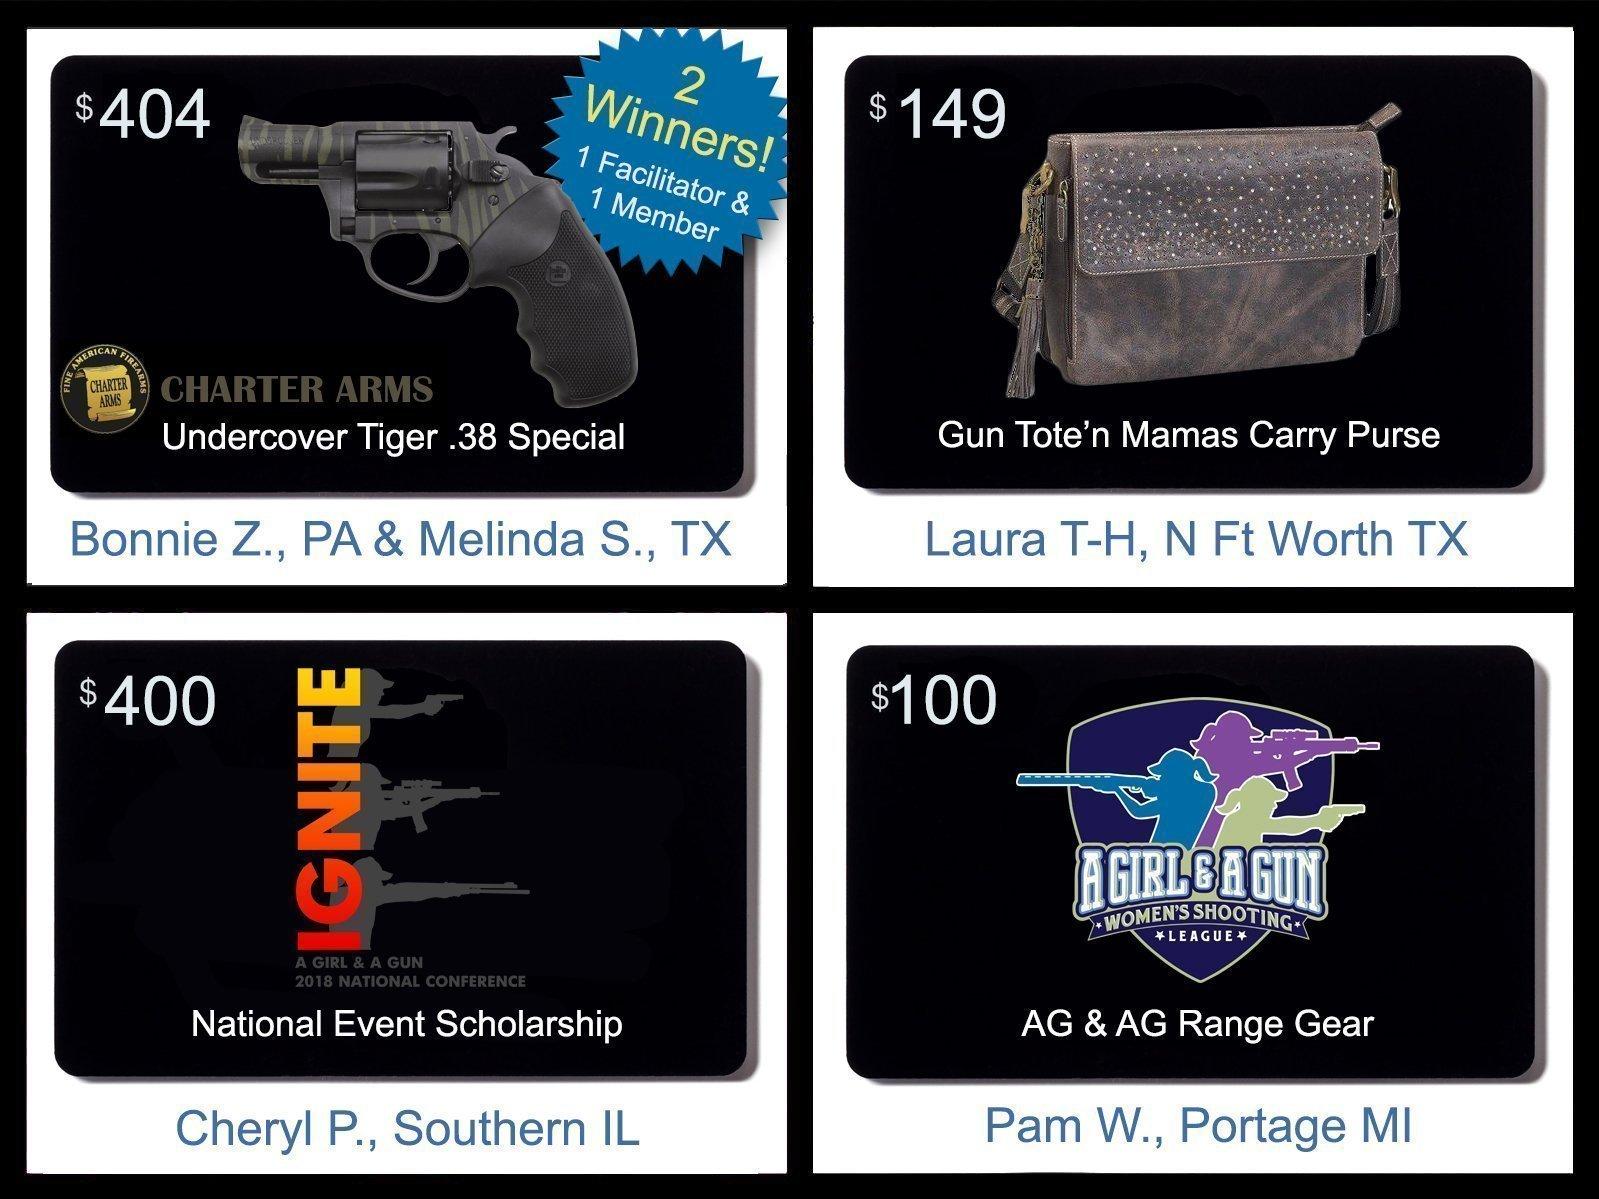 Firearm giveaways